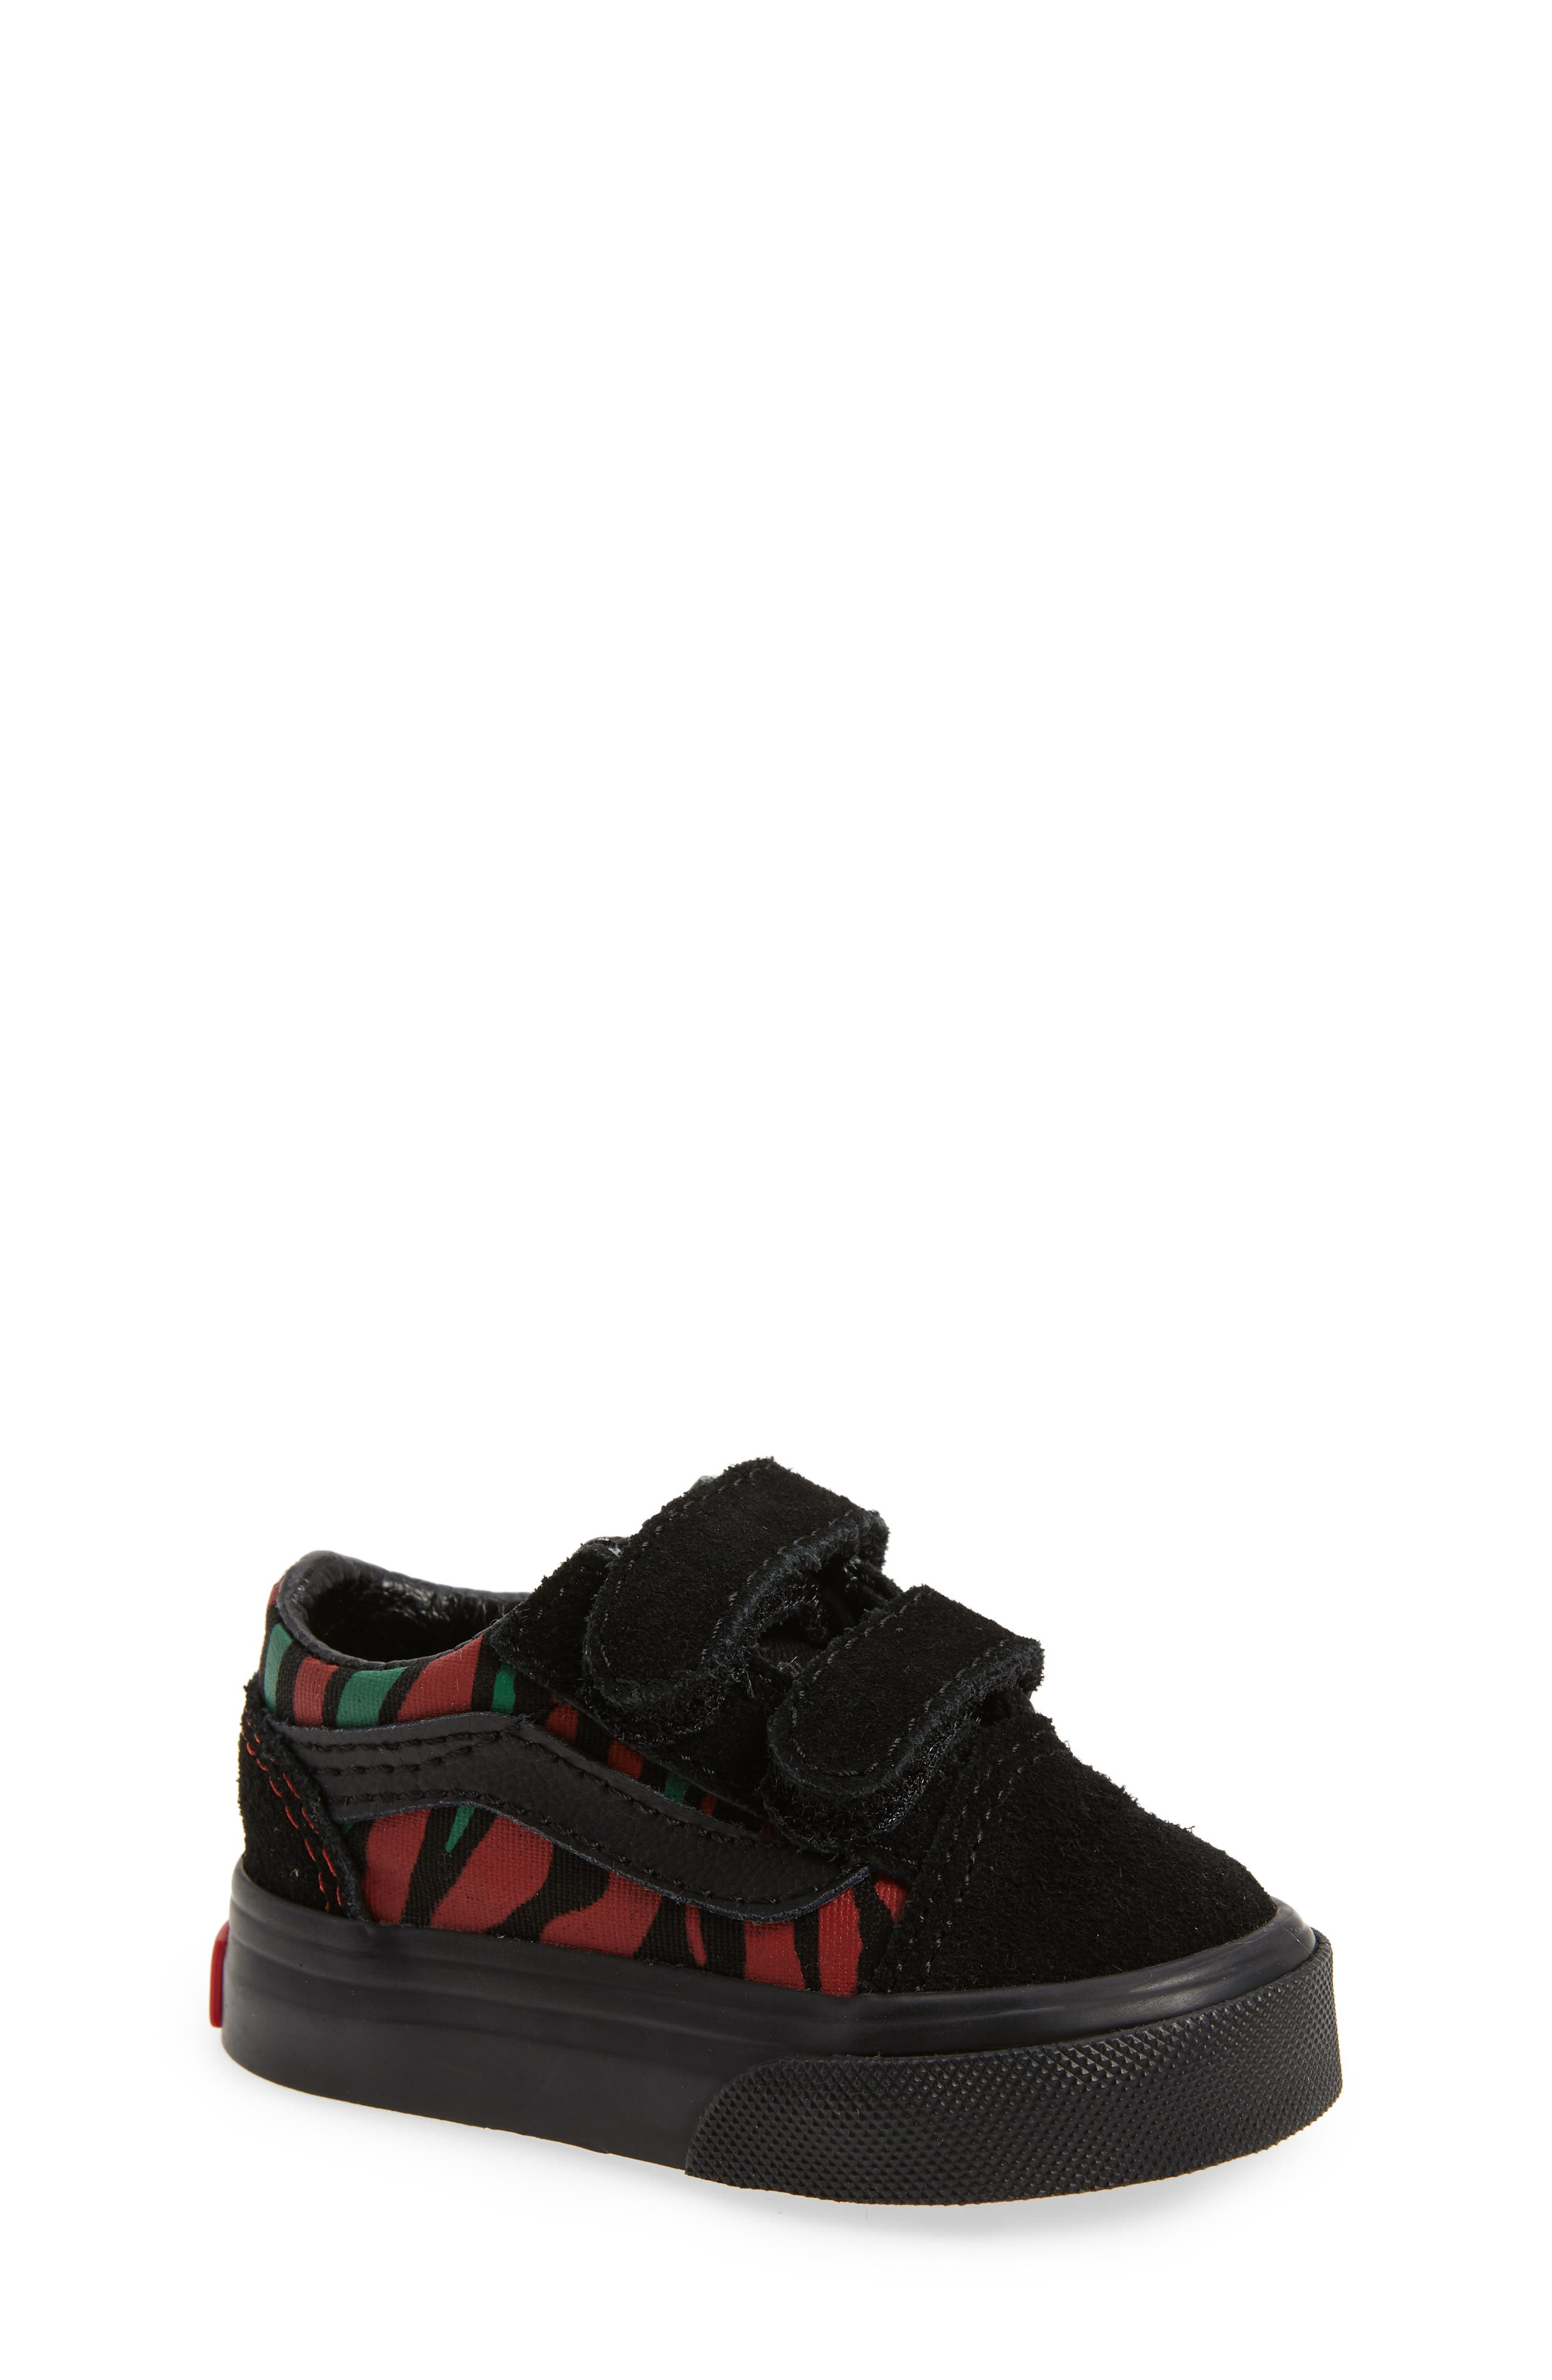 Old Skool V Sneaker,                         Main,                         color, Black